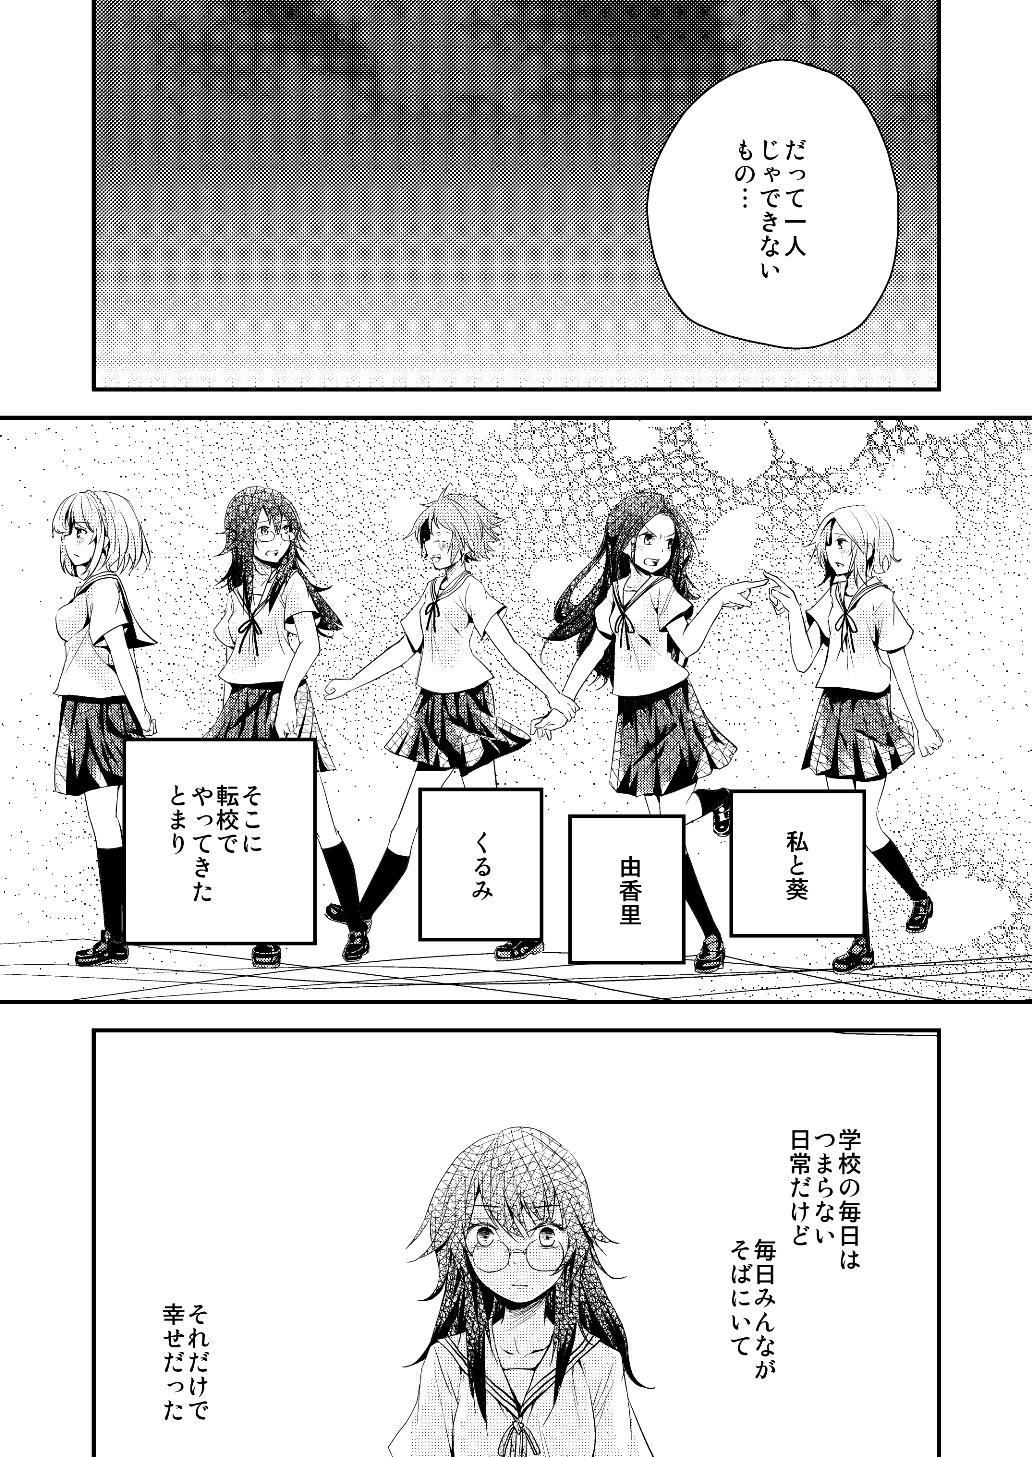 Yakusoku no Sora to Kimigaita Basho 1 ~ 2 48